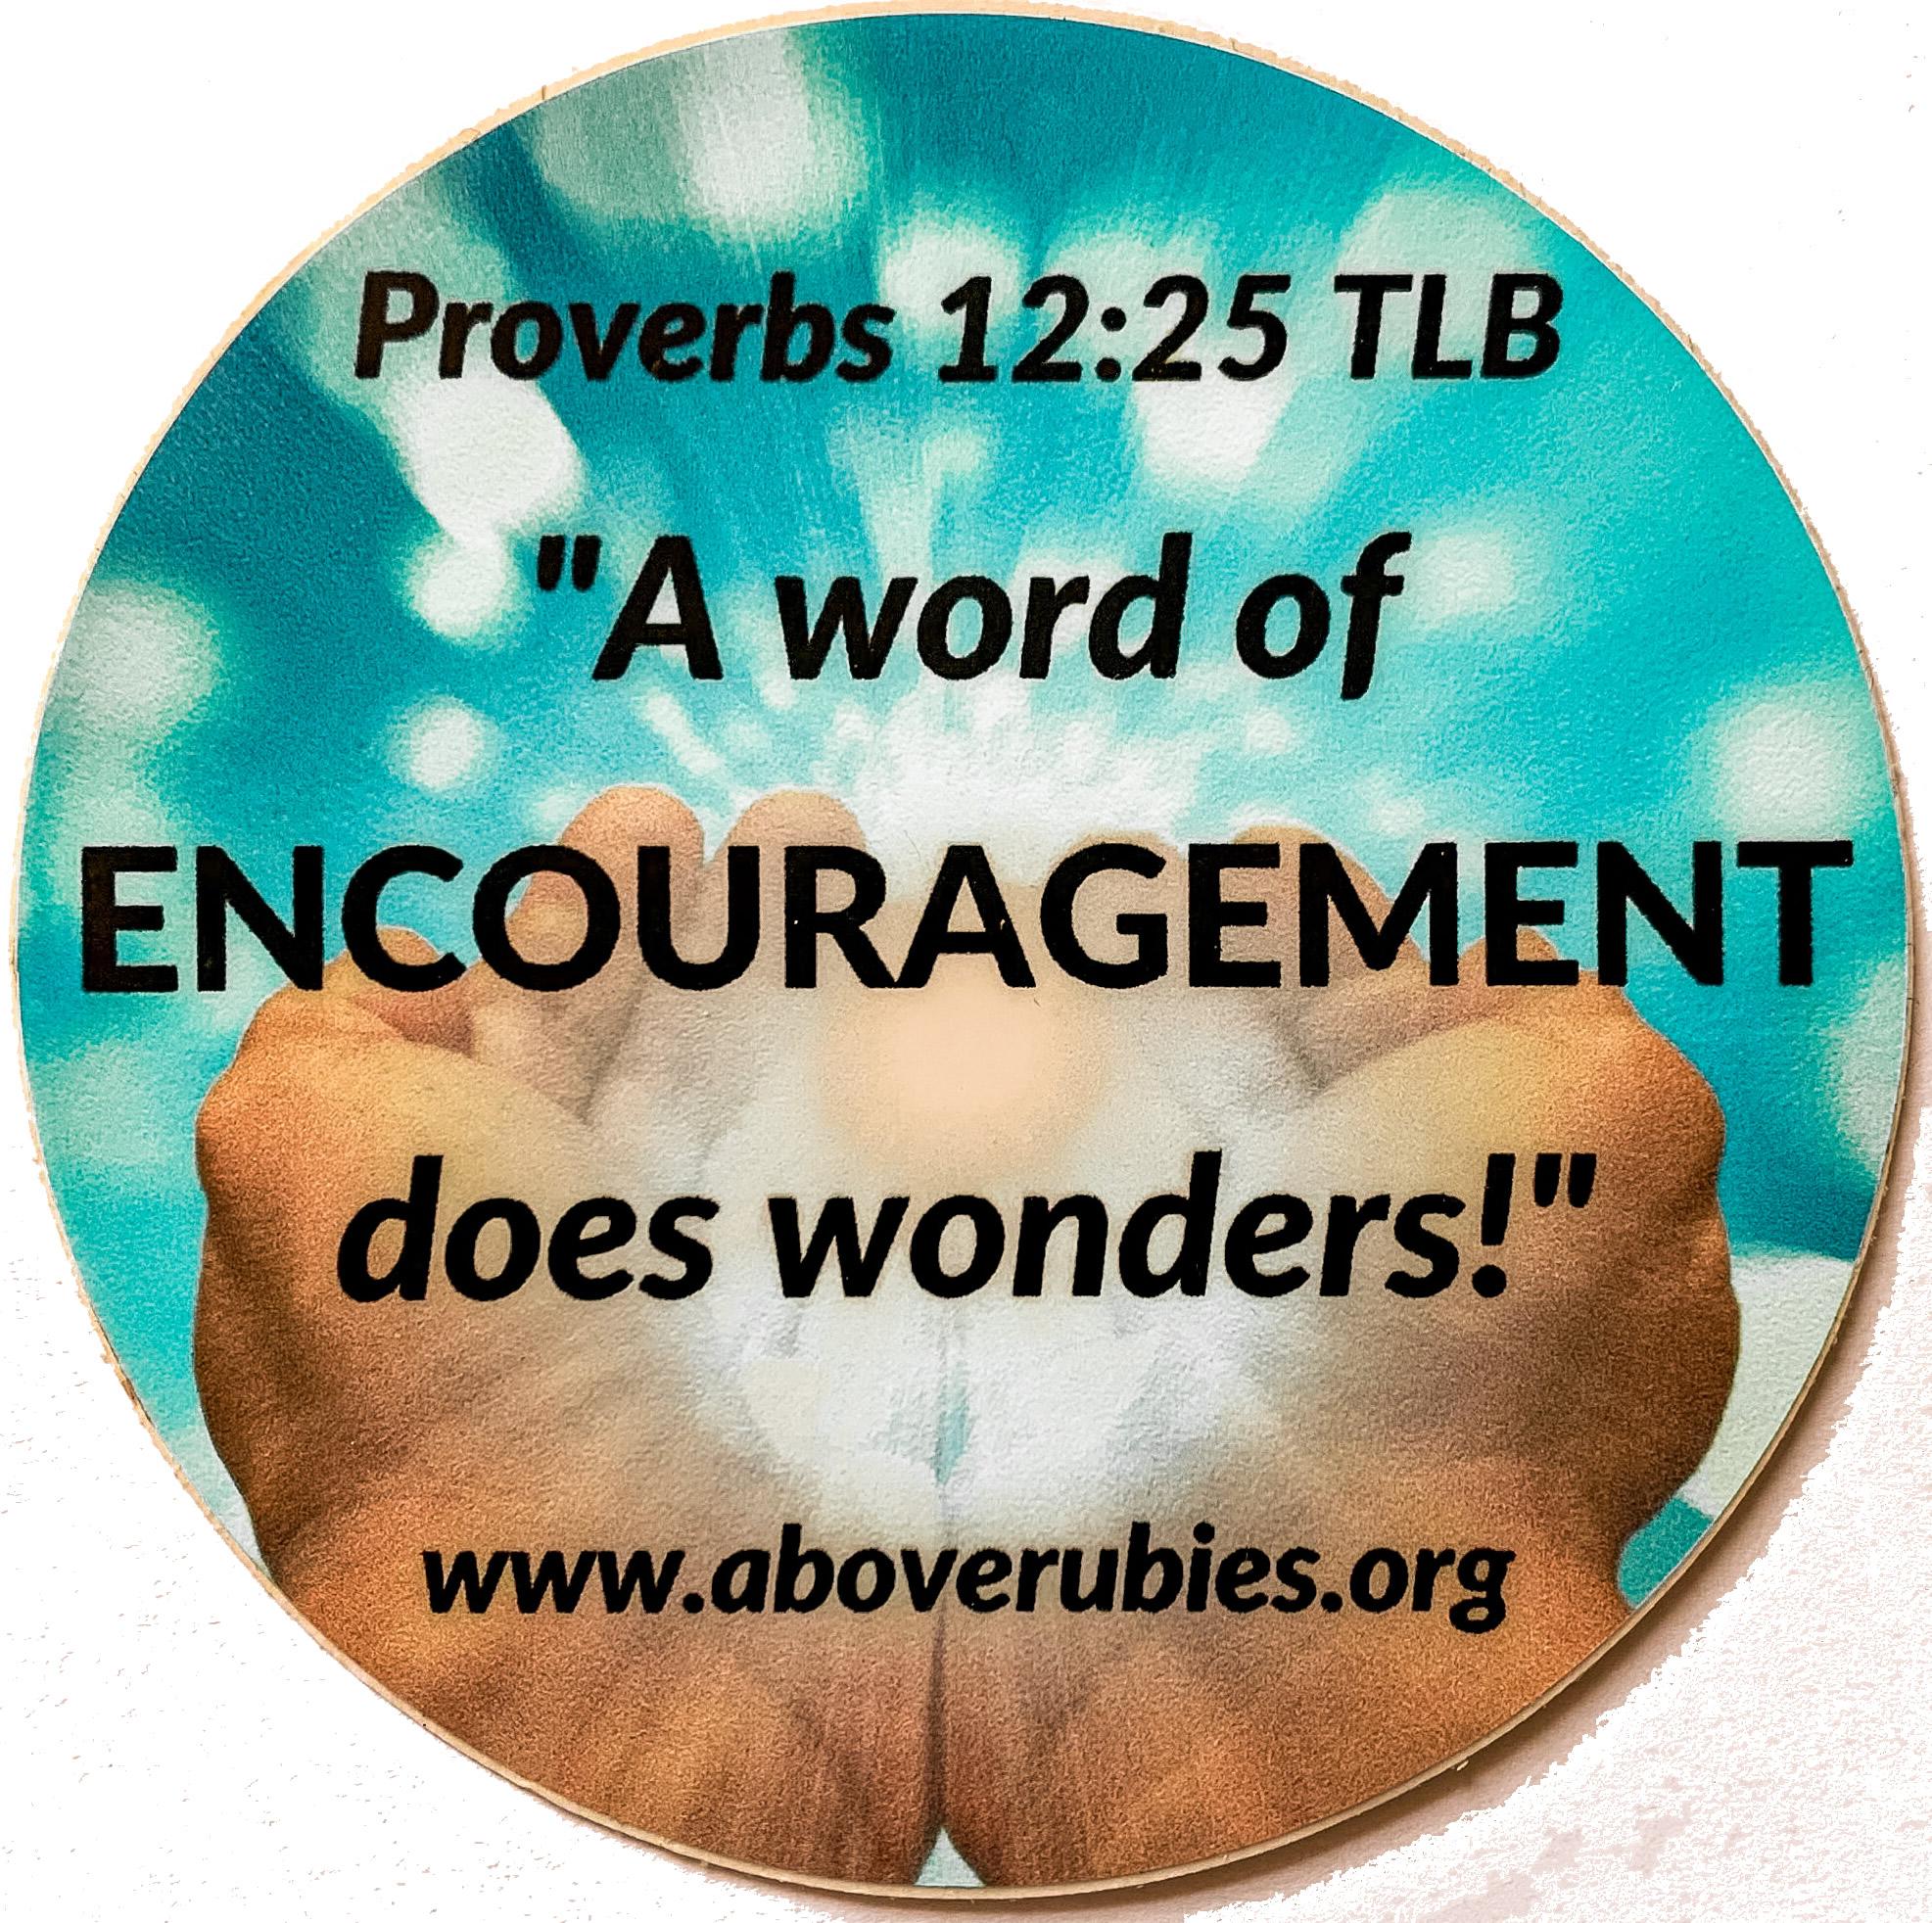 proverbs1225.jpg